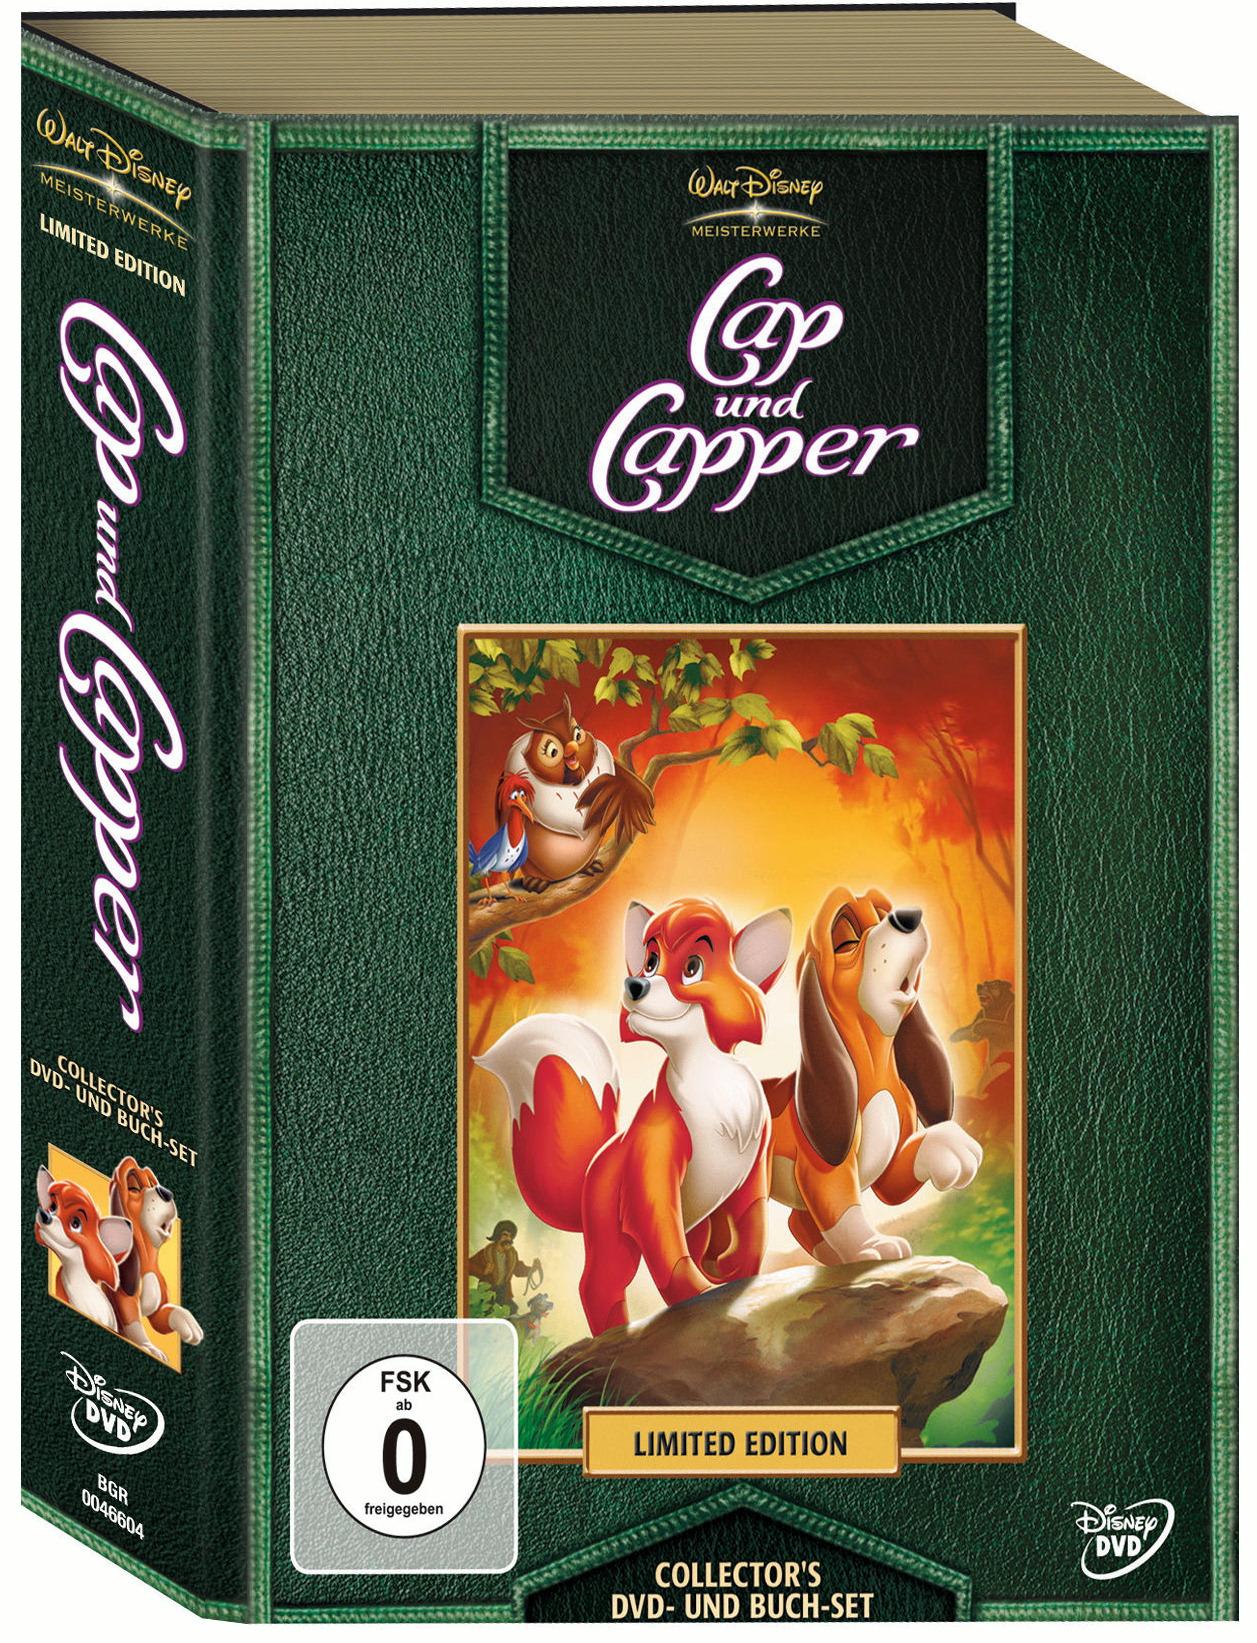 Cap und Capper (Collector's DVD- und Buchset) Poster